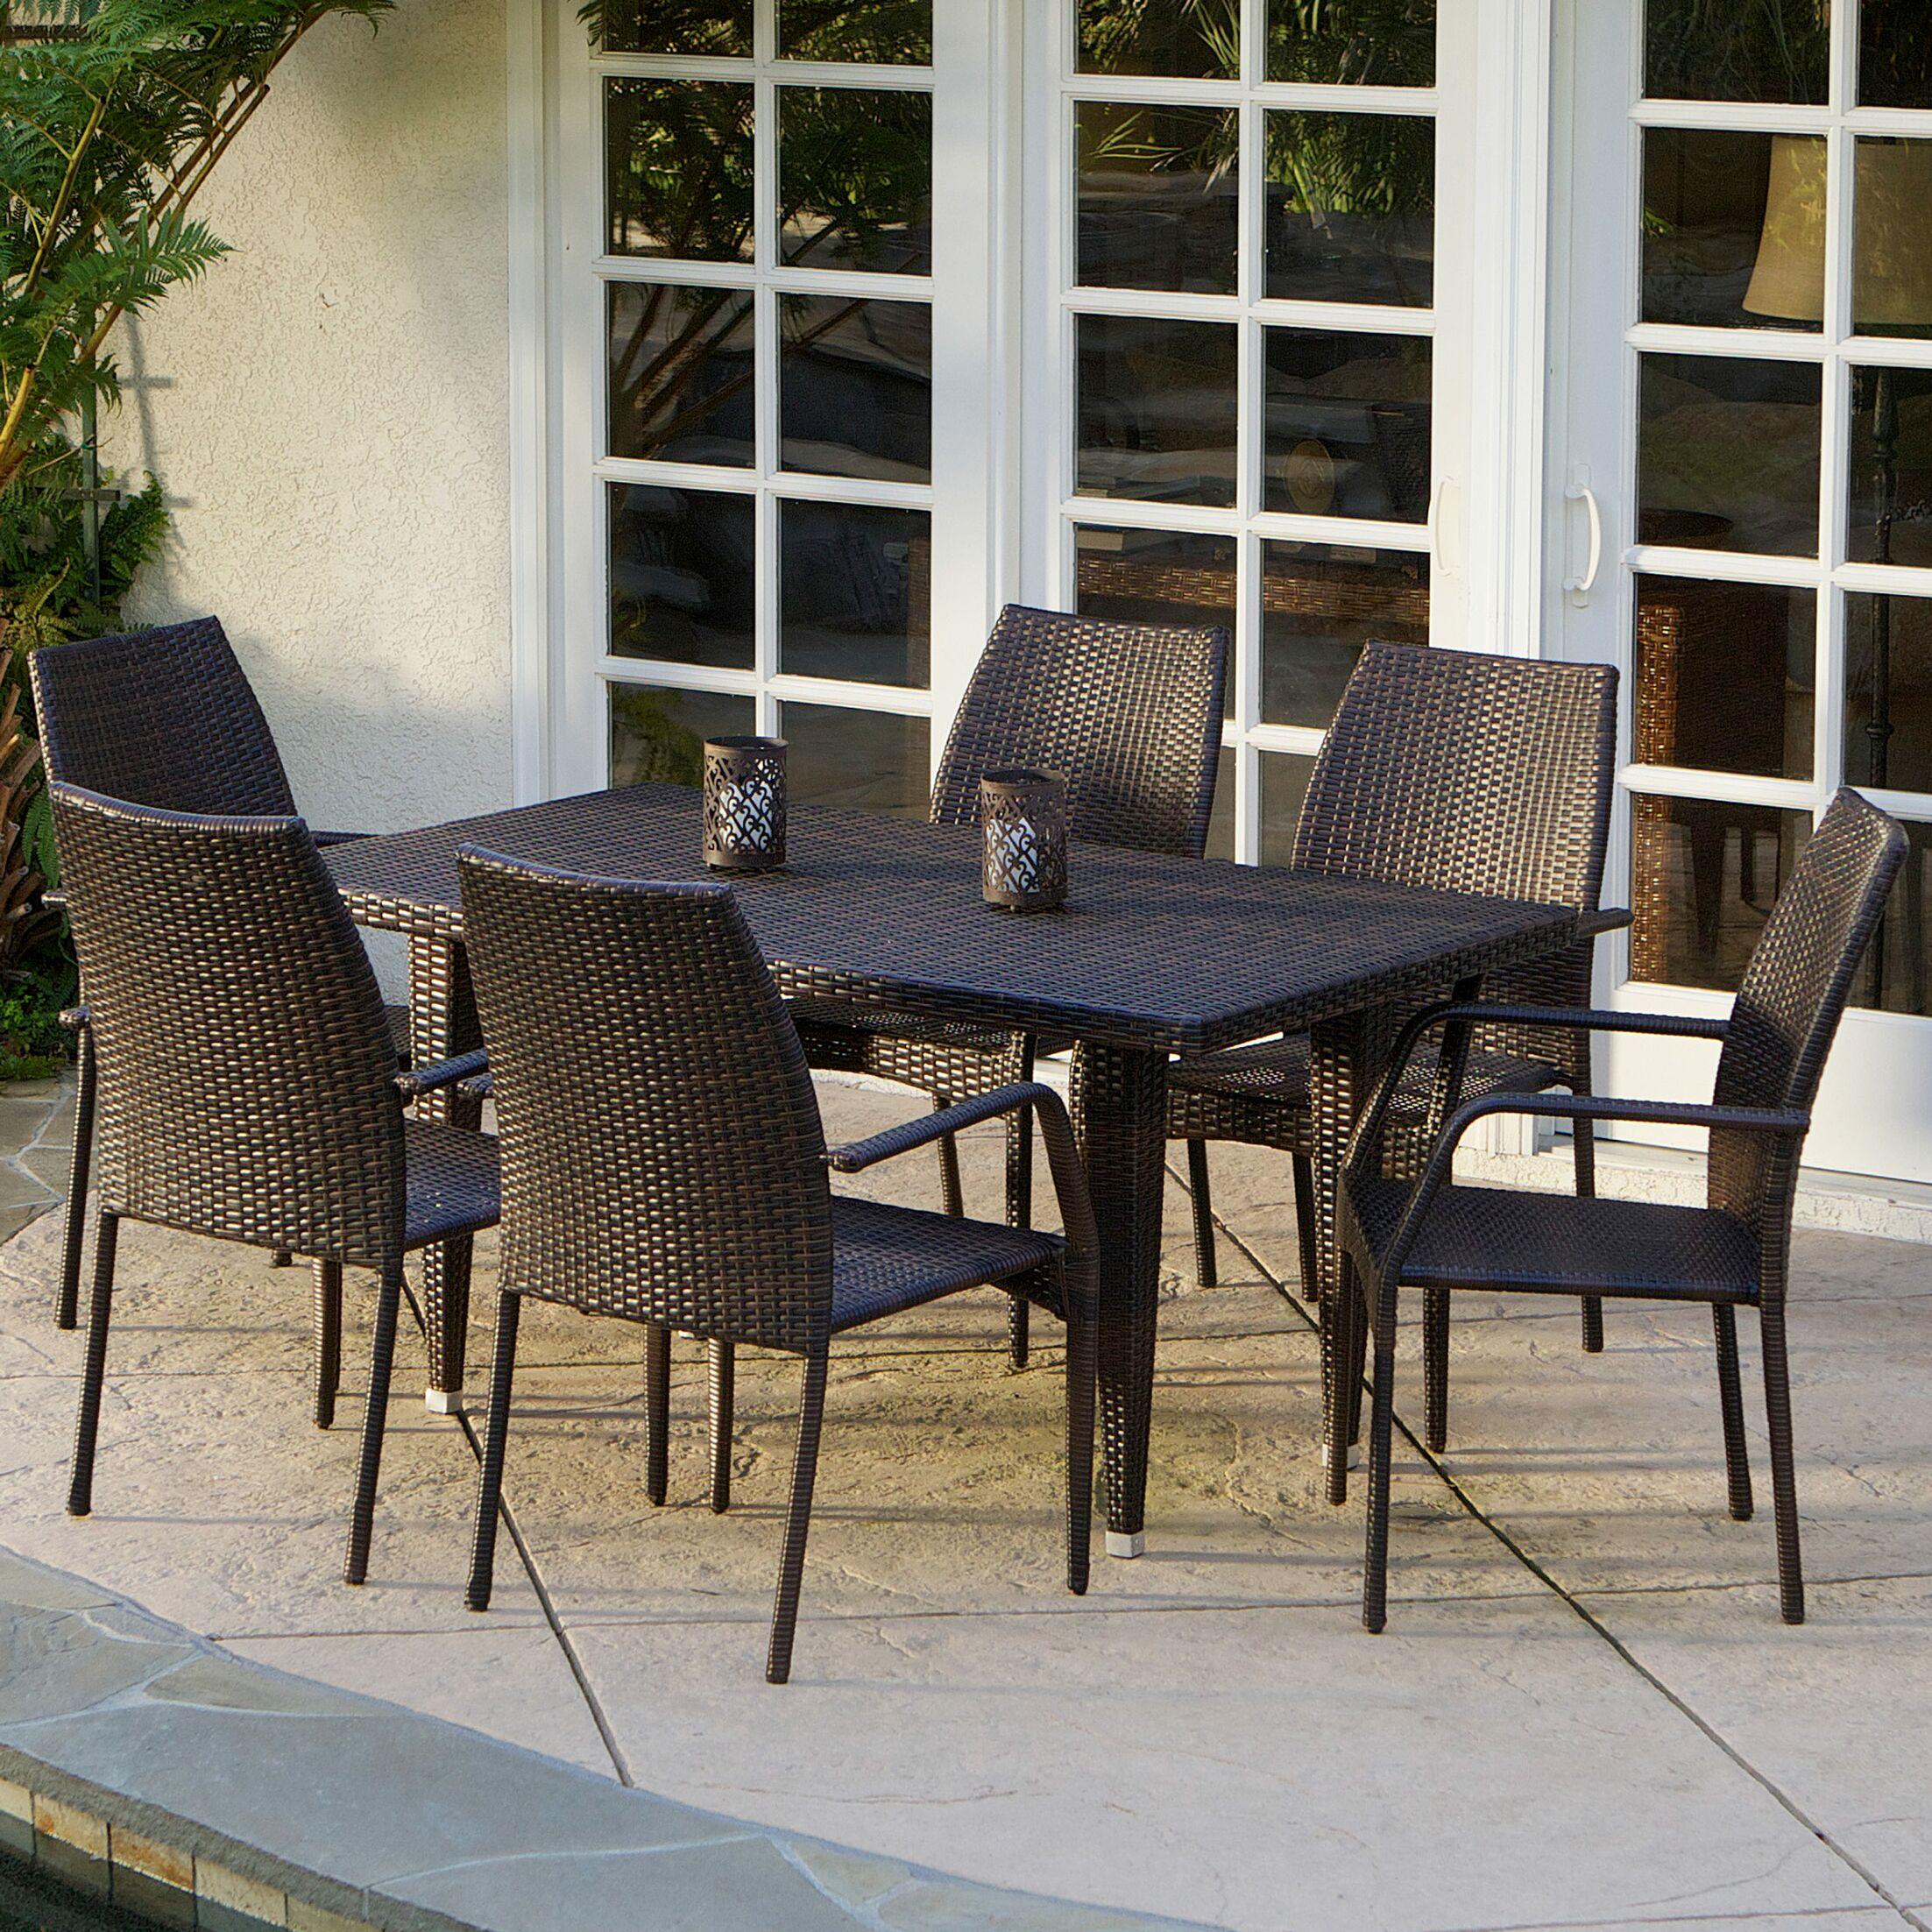 Panos 7 Piece Outdoor Dining Set